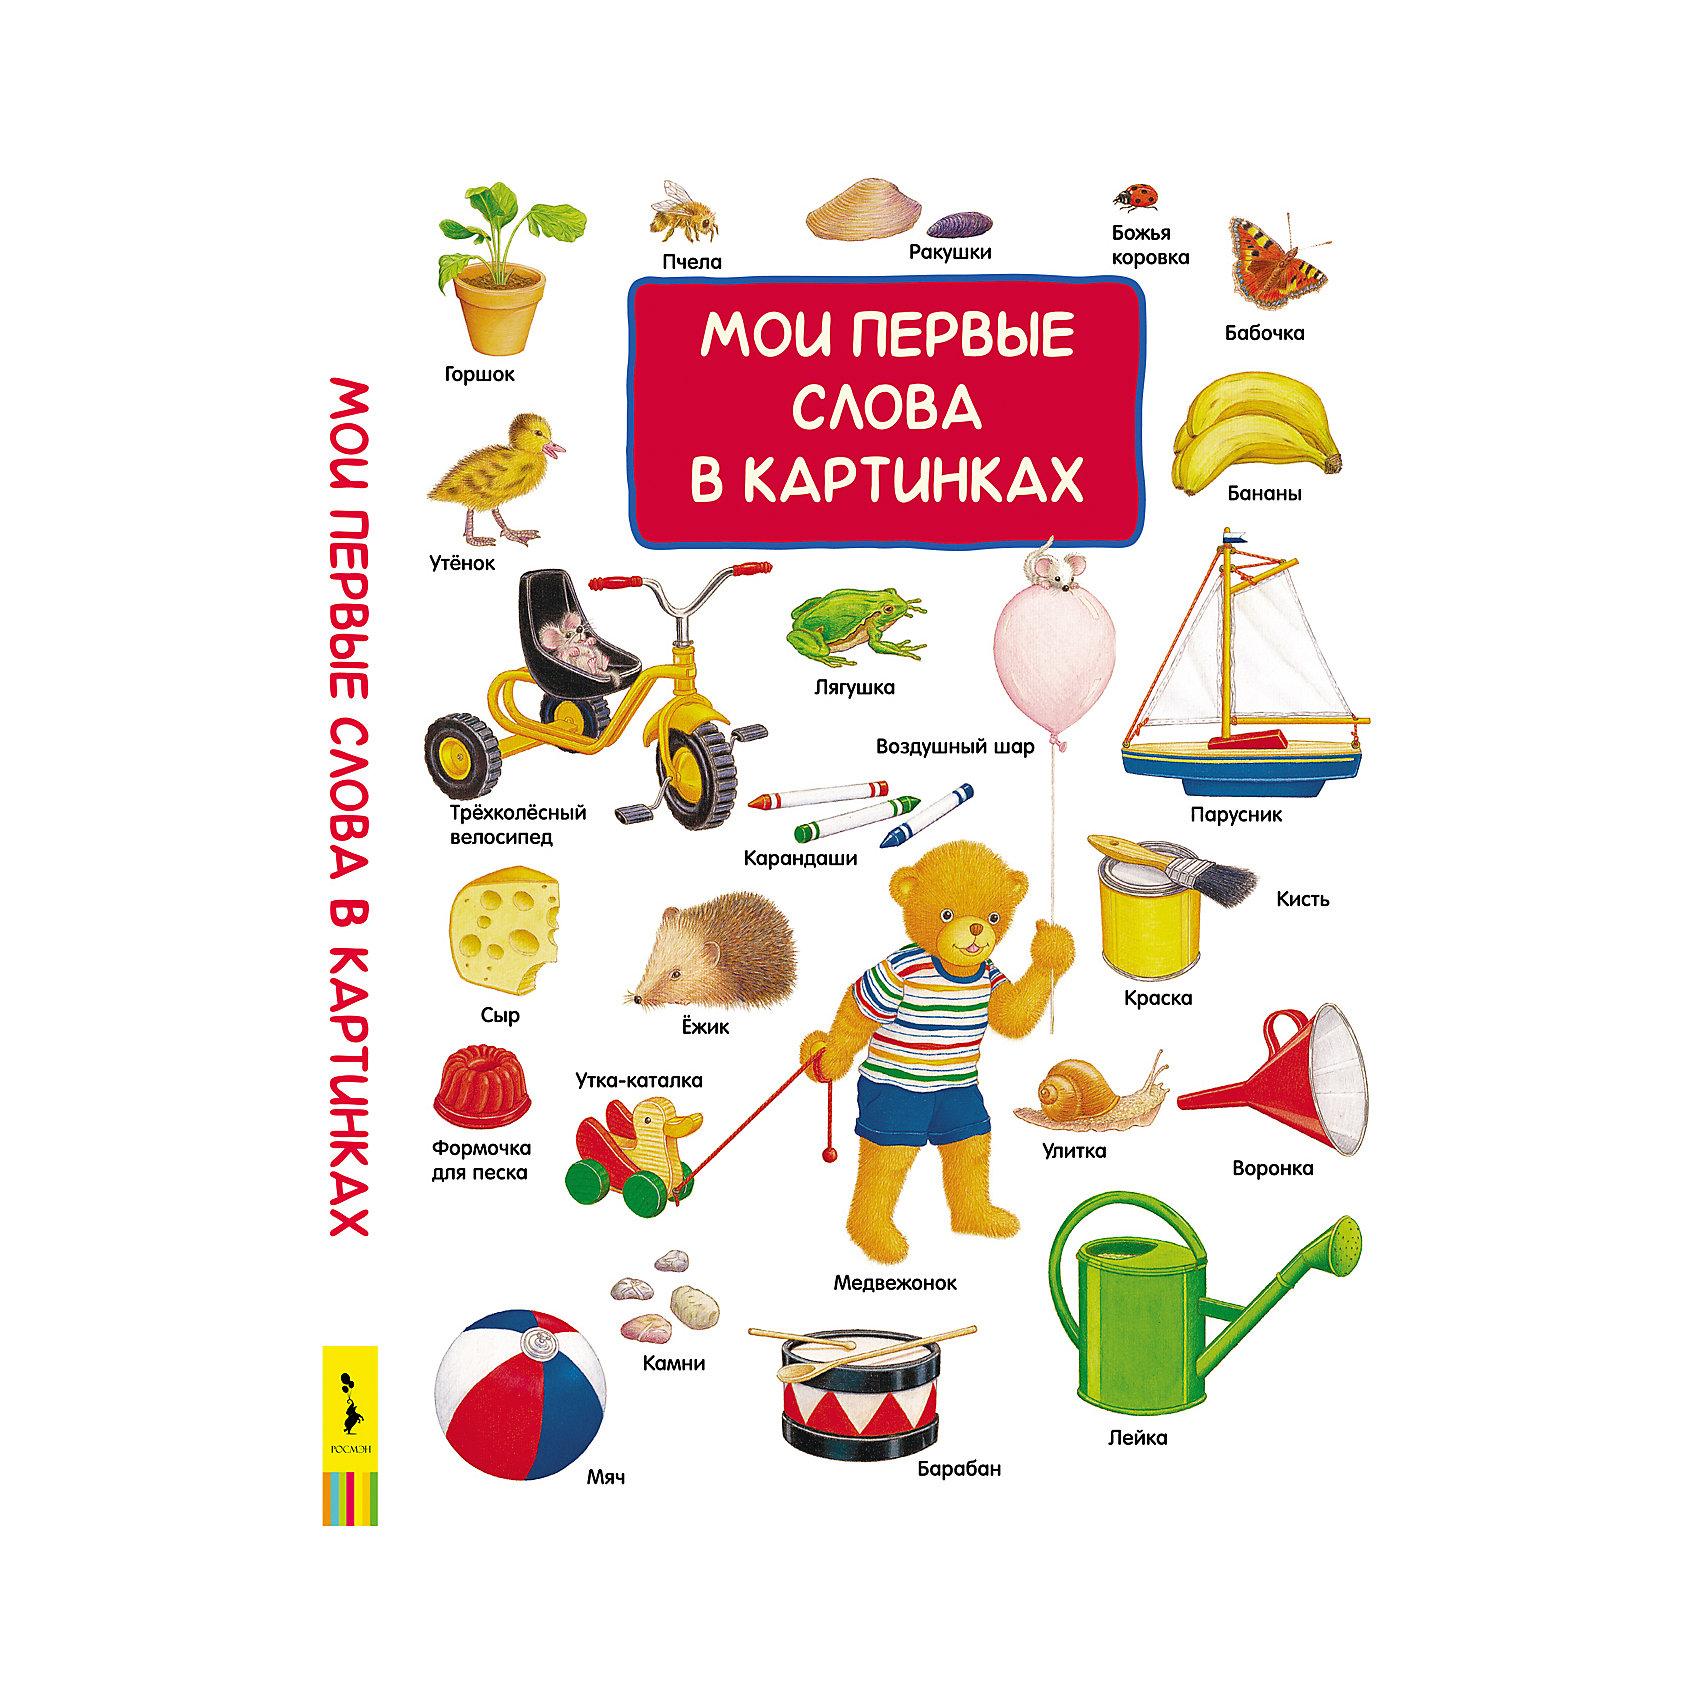 Мои первые слова в картинкахКниги для развития речи<br>Книга Мои первые слова в картинках<br><br>Характеристики:<br><br>• ISBN: 9785353082040<br>• Формат: А4<br>• Обложка: твердая <br>• Материал: картон<br><br>Эта книга содержит 250 важных и нужных терминов, которые помогут вашему ребенку узнать больше об окружающем мире и нашей с вами жизни. На каждом развороте книги представлены красочные иллюстрации современного художника Хельмута Шпаннера, которые посвящены определенной теме и изображают дом, улицу, сад и многие другие вещи, с которыми мы встречается в обиходе. Рассматривая картинки и читая новые для себя слова, ребенок научится новому и узнает названия окружающих его предметов. <br><br>Книга Мои первые слова в картинках можно купить в нашем интернет-магазине.<br><br>Ширина мм: 322<br>Глубина мм: 240<br>Высота мм: 170<br>Вес г: 646<br>Возраст от месяцев: -2147483648<br>Возраст до месяцев: 2147483647<br>Пол: Унисекс<br>Возраст: Детский<br>SKU: 5507128